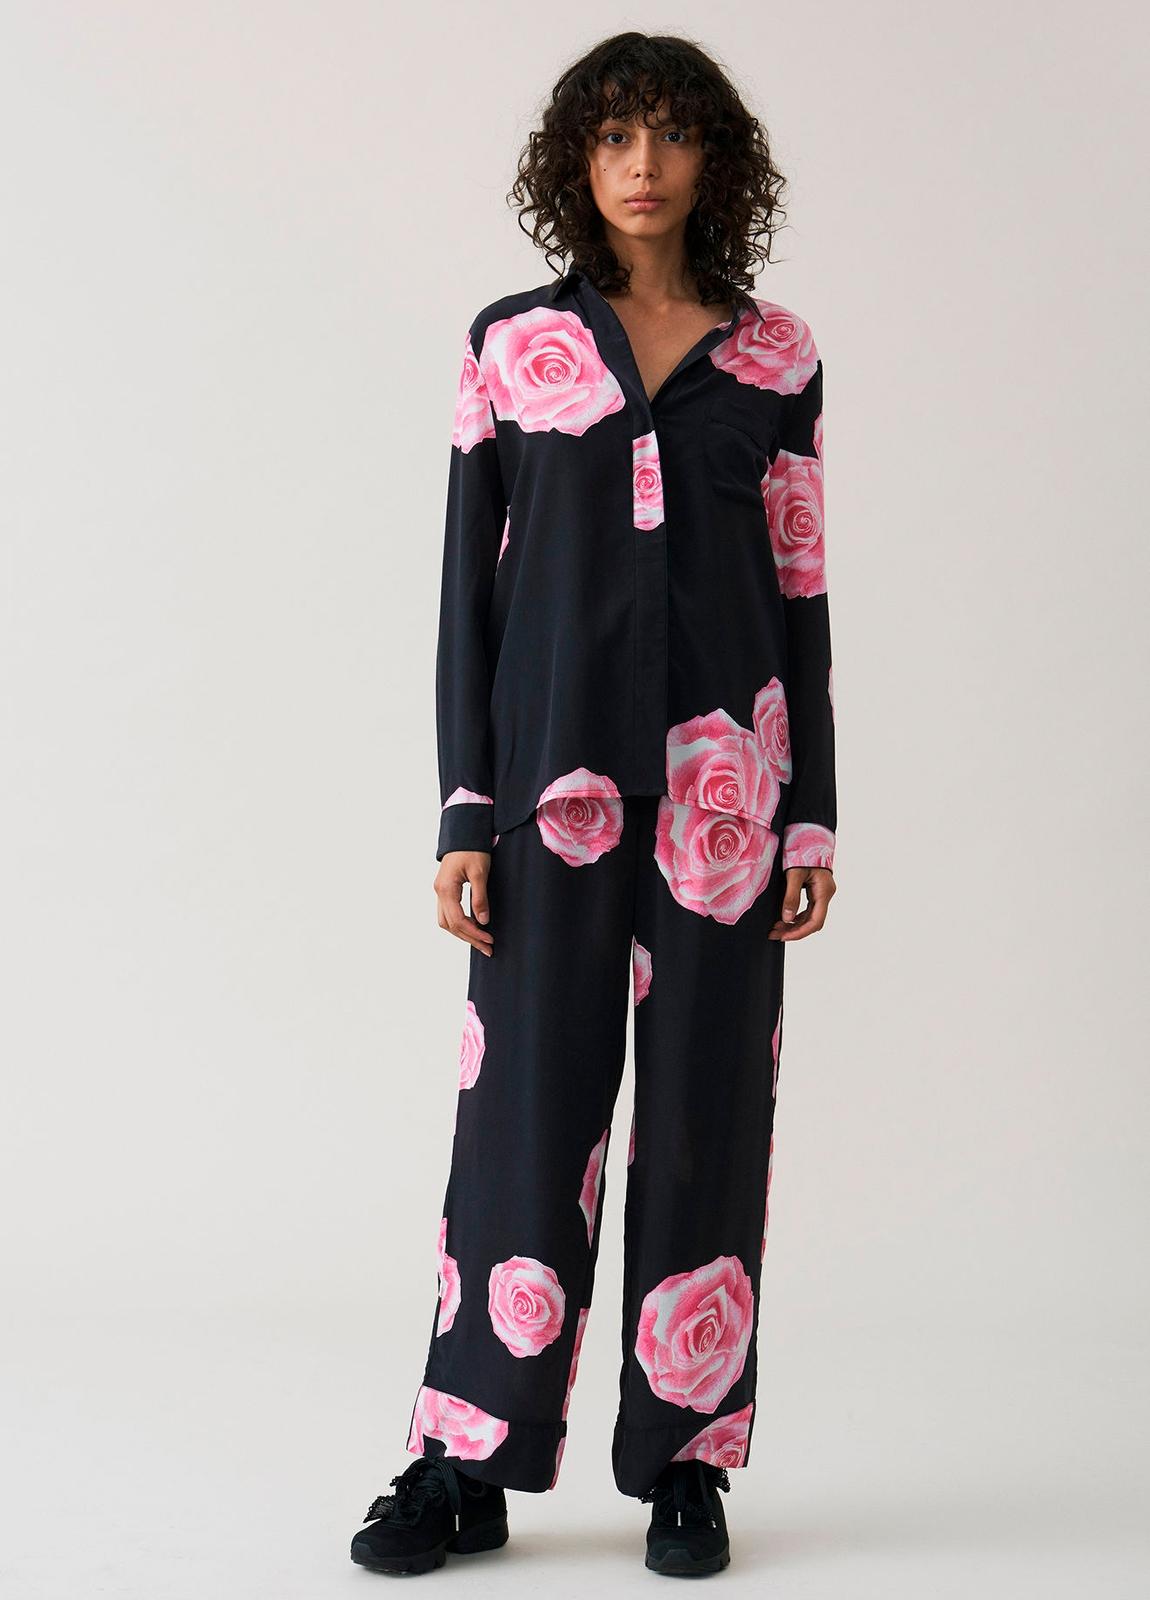 Camisa color negro con estampado floral,100% Seda. - Ítem1